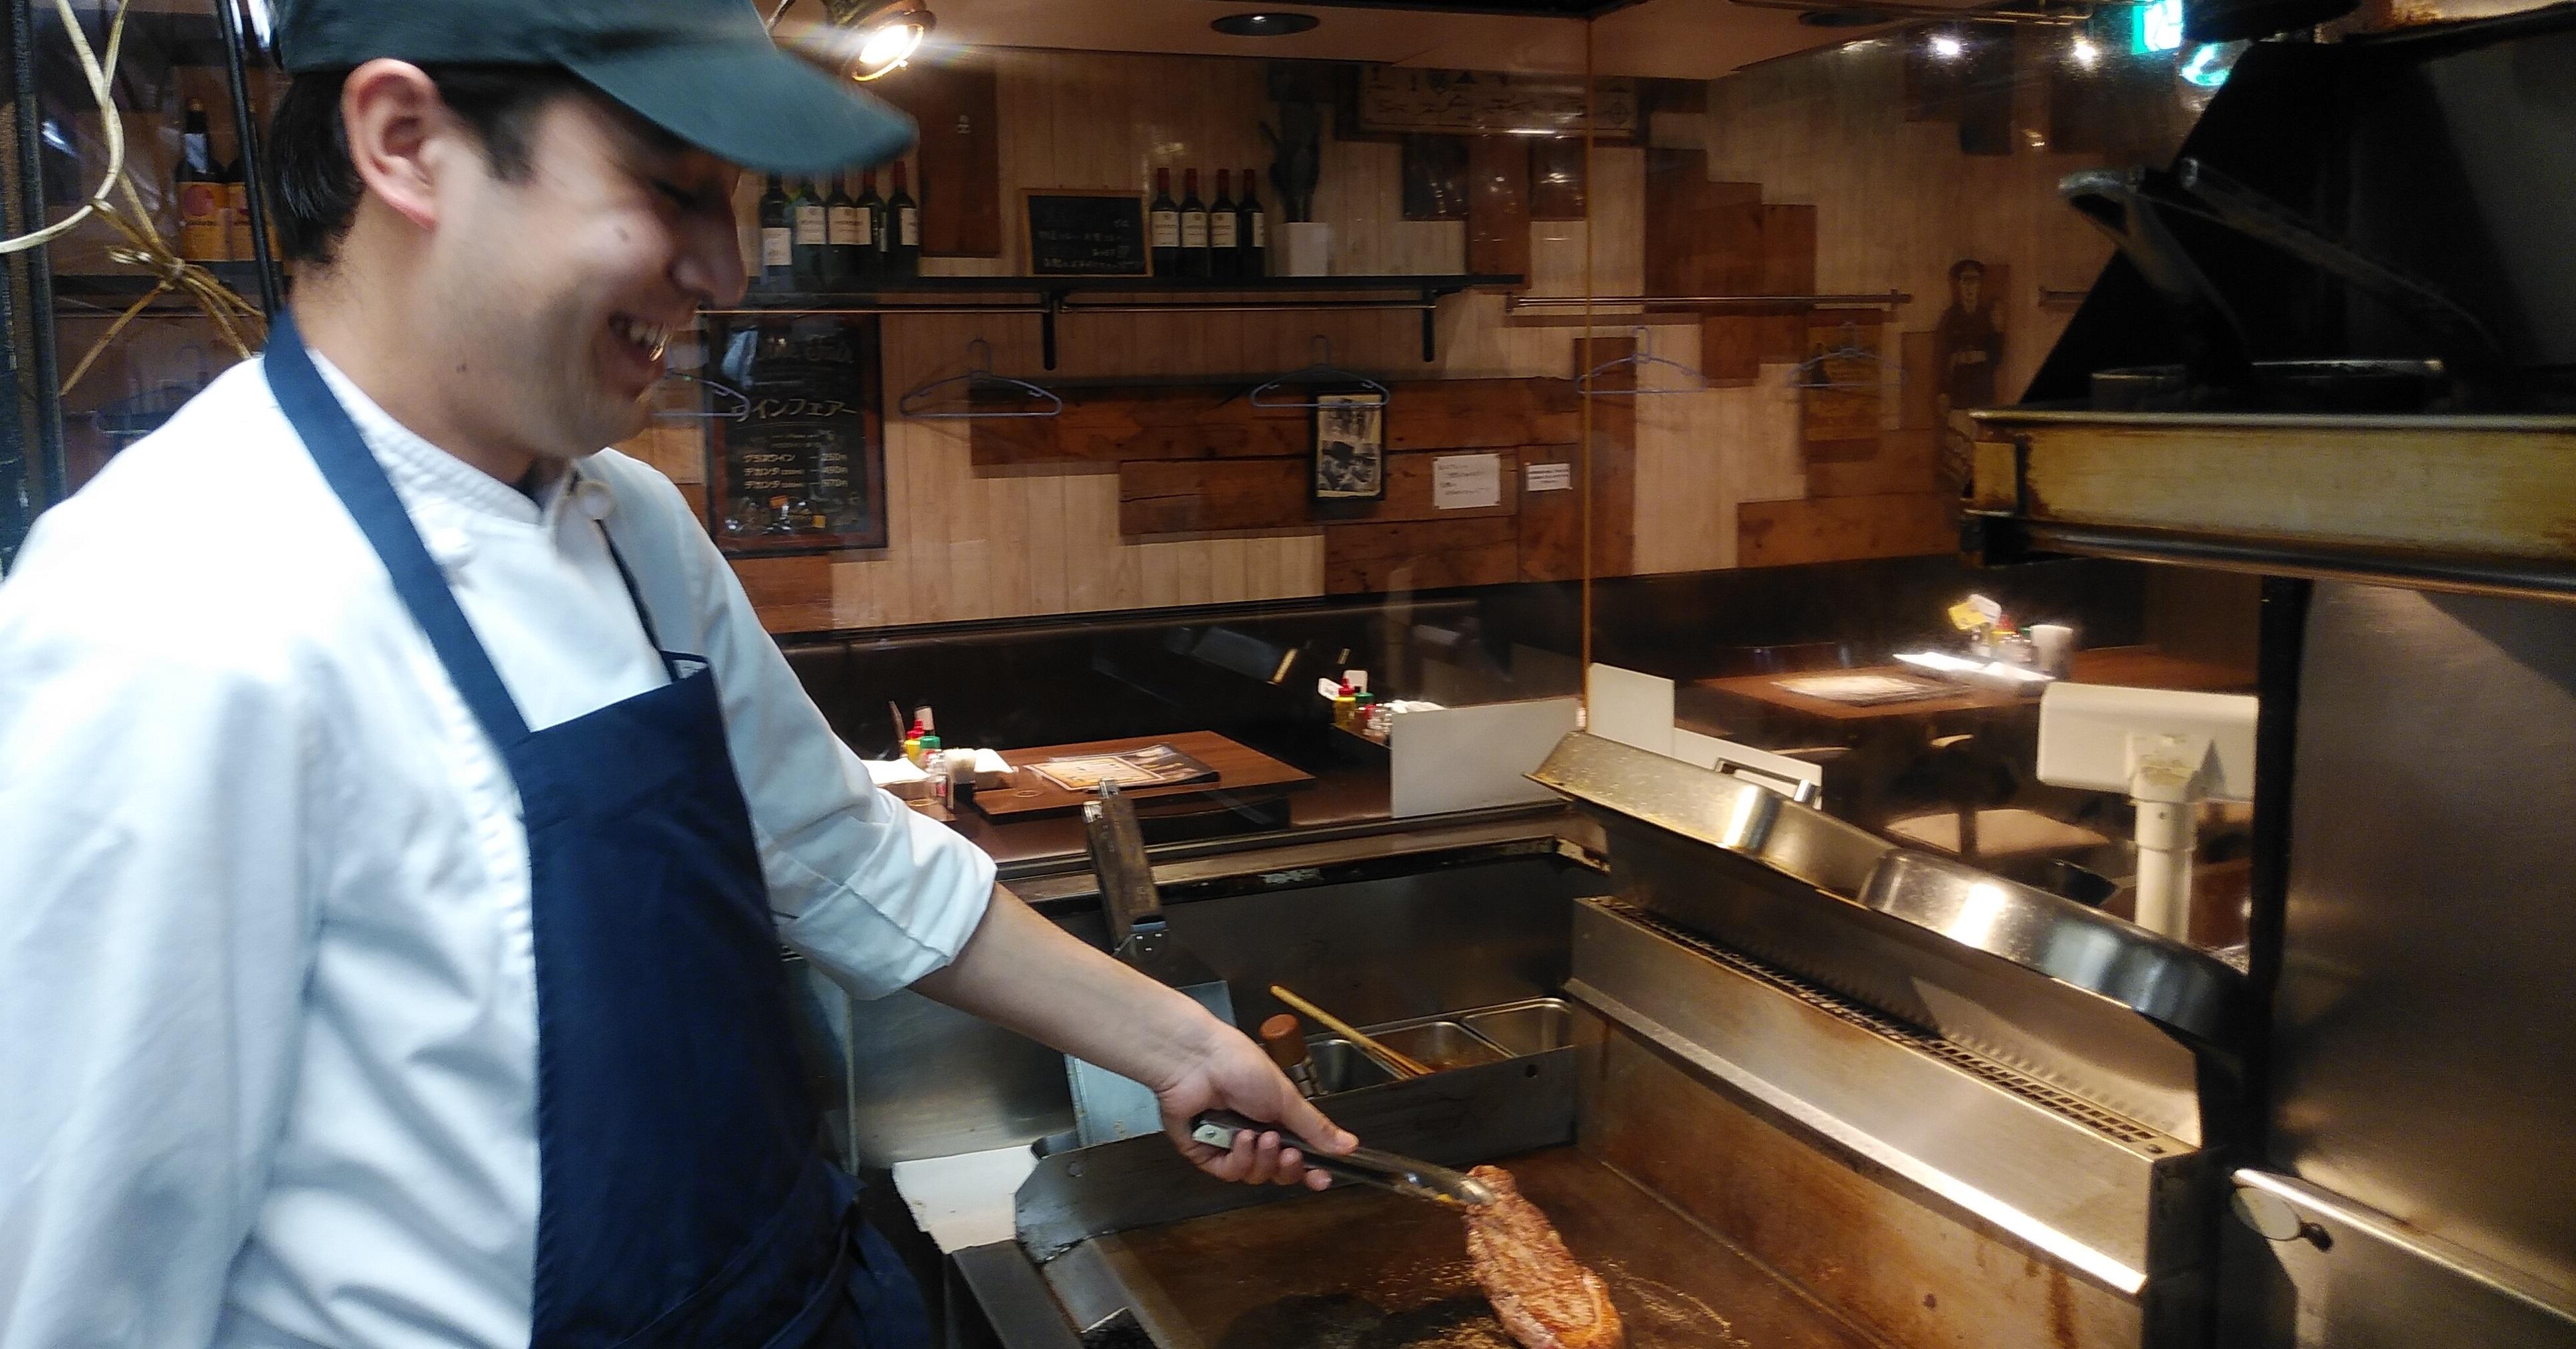 鉄板でステーキ肉を焼いているところ